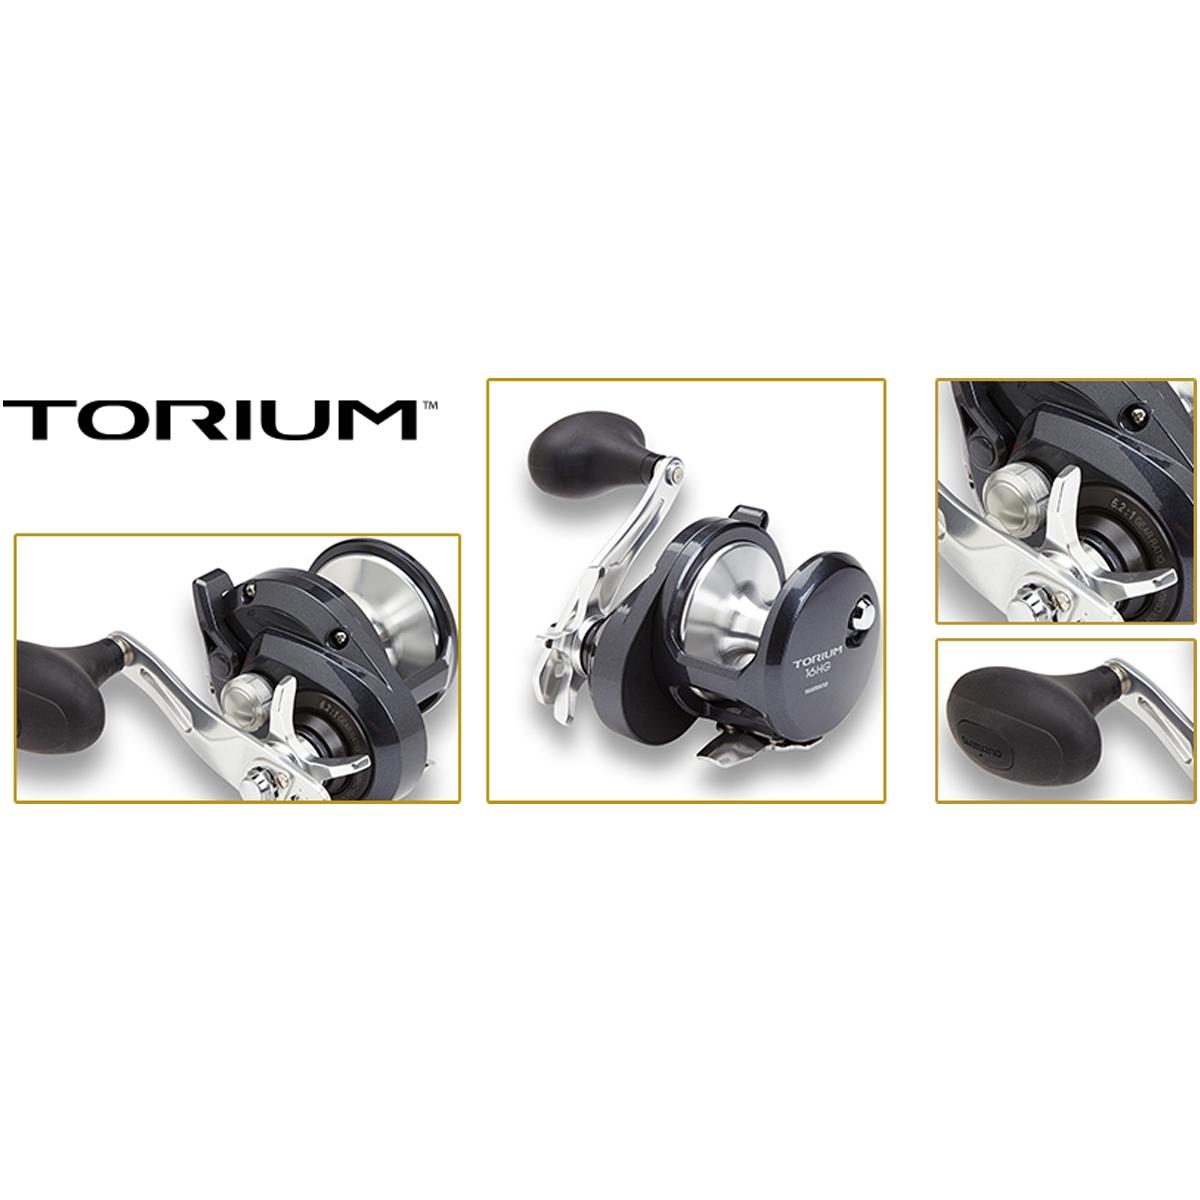 torium-16-HGA-2